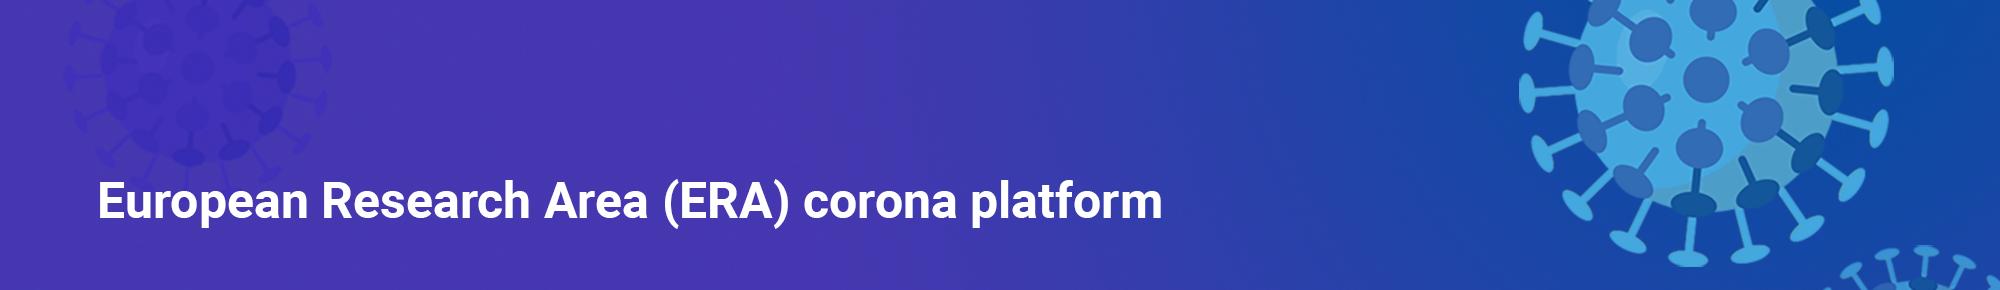 European Research Area (ERA) corona platform